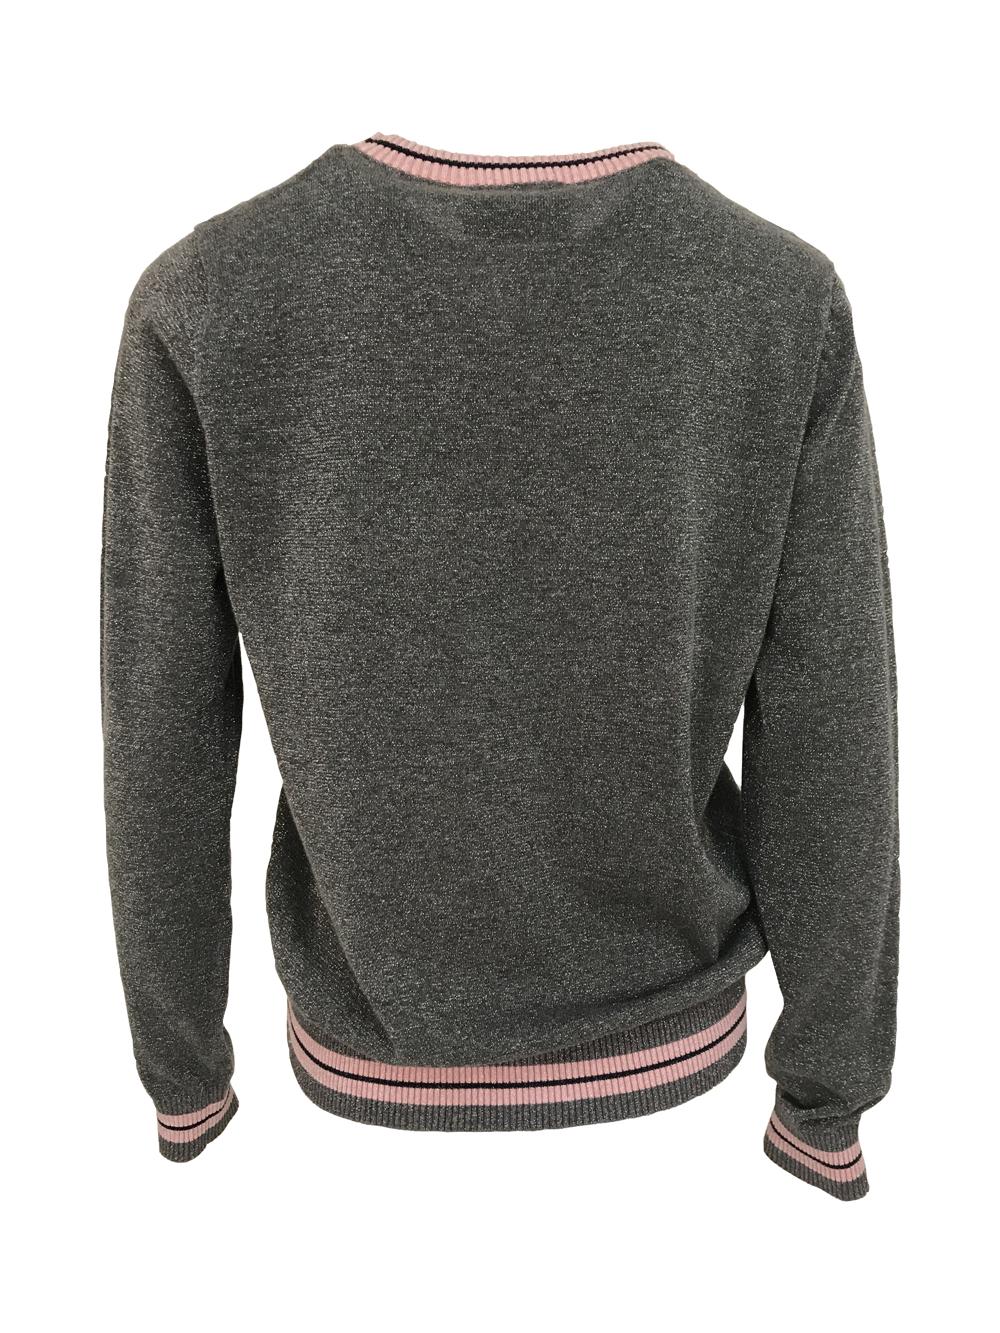 neo-noir-raven-knit-blouse-gunmetal